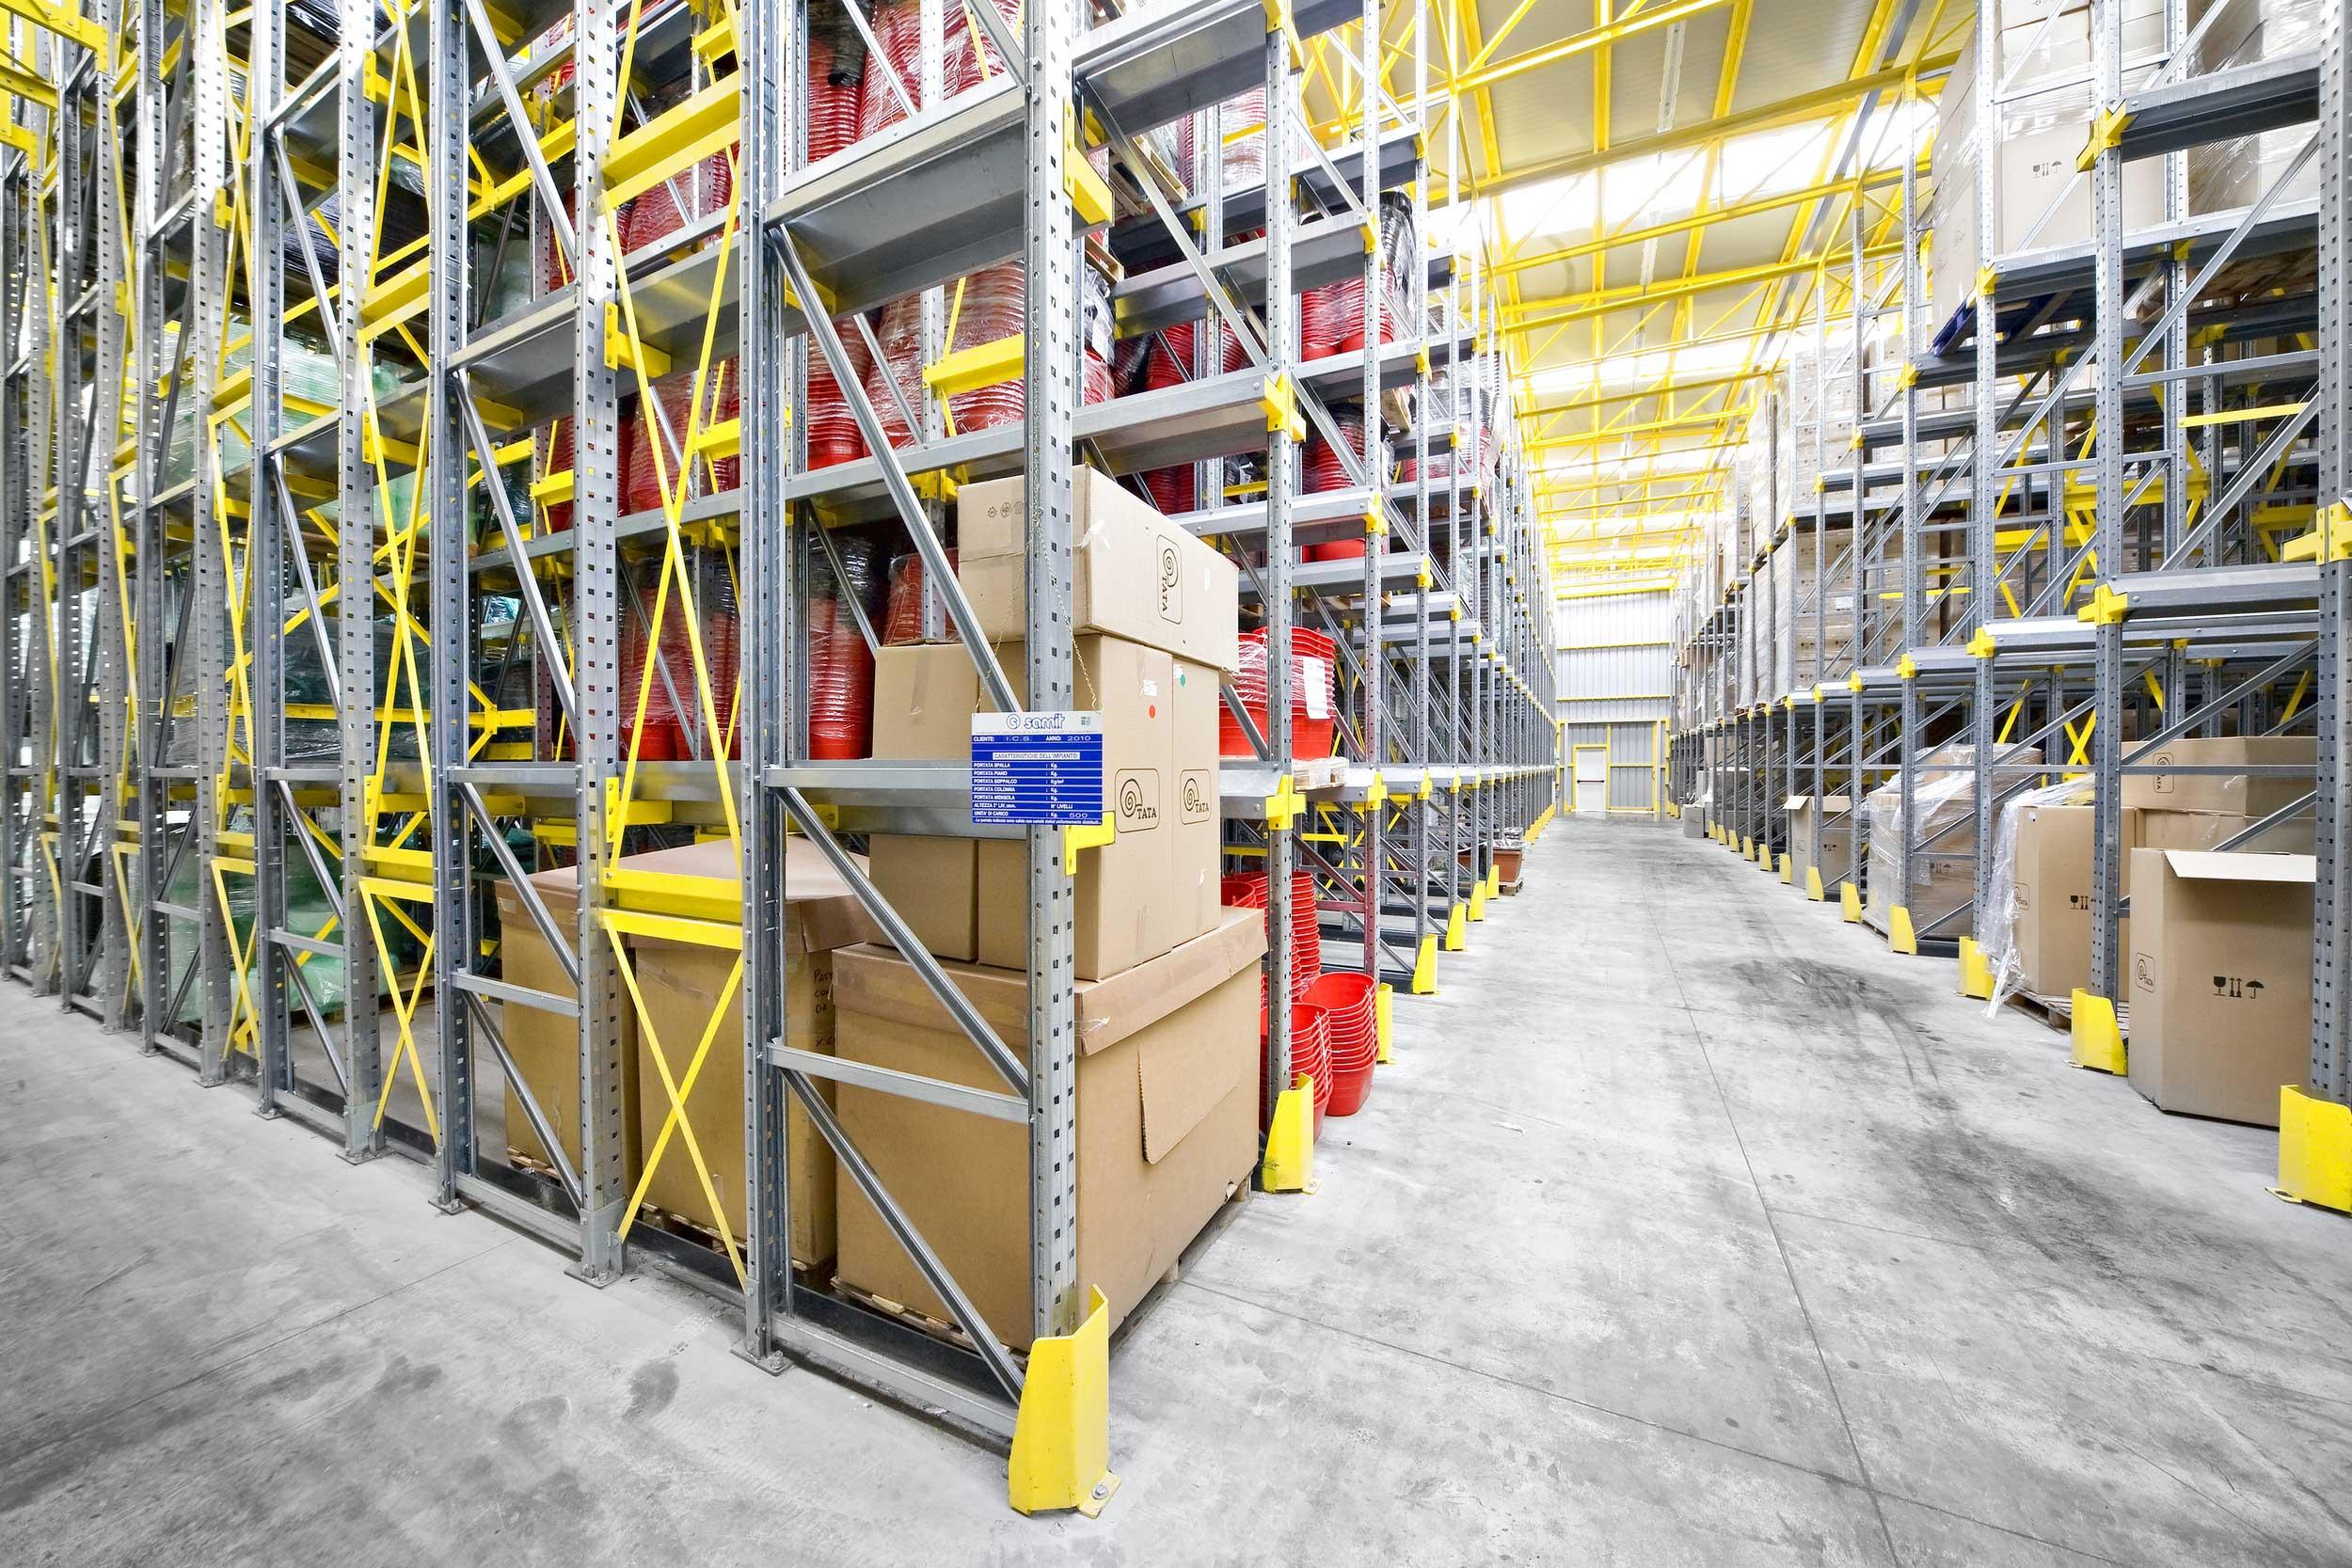 Gli scaffali drive in Samit consentono il massimo sfruttamento dello spazio disponibile all'interno dei magazzini industriali.